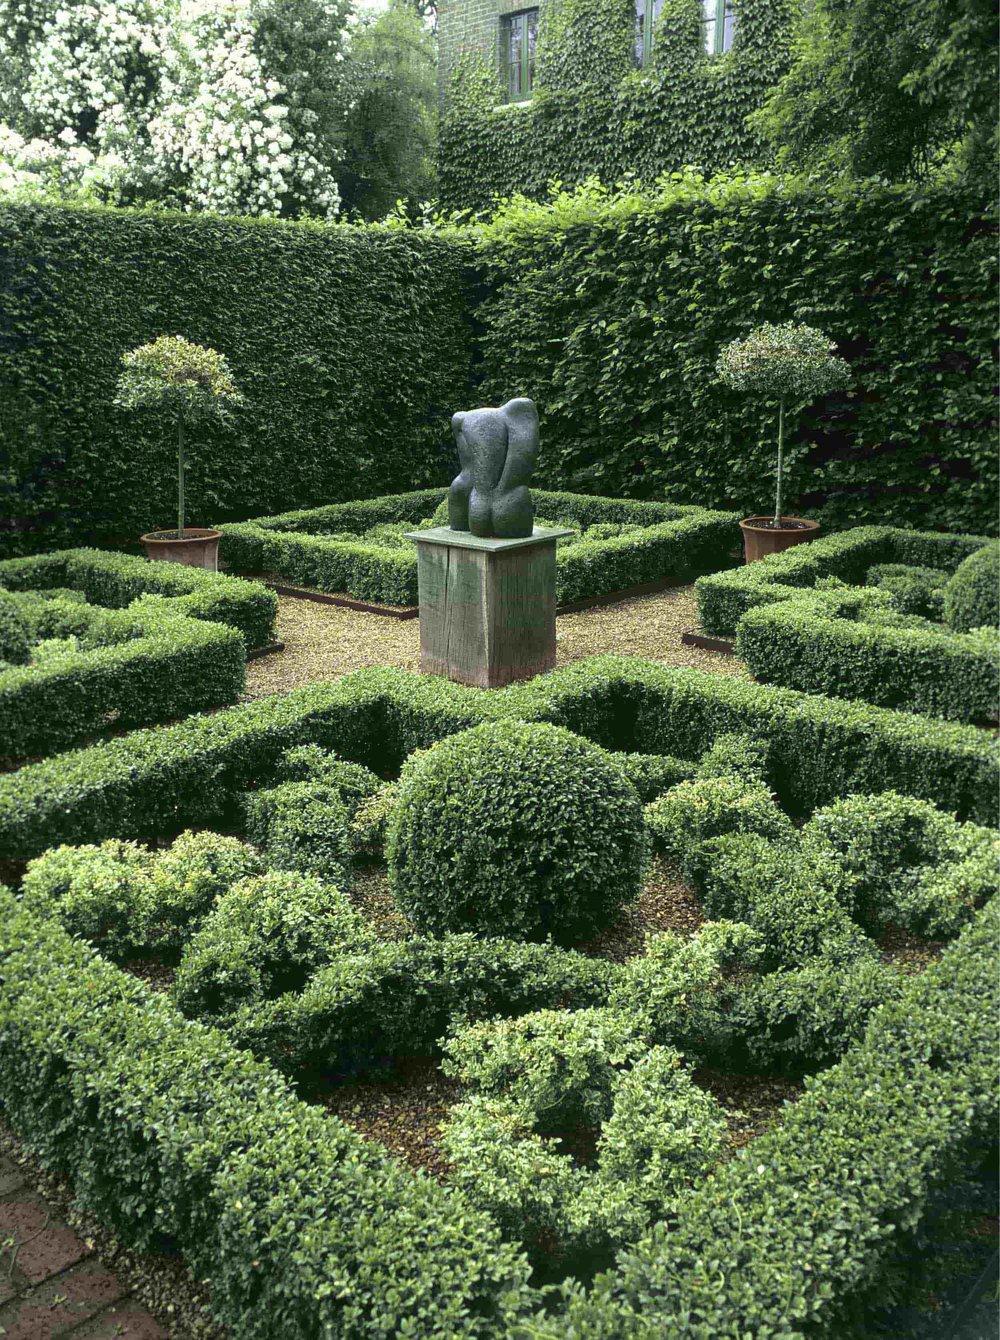 Fagus Buxus formal knot garden sculpture